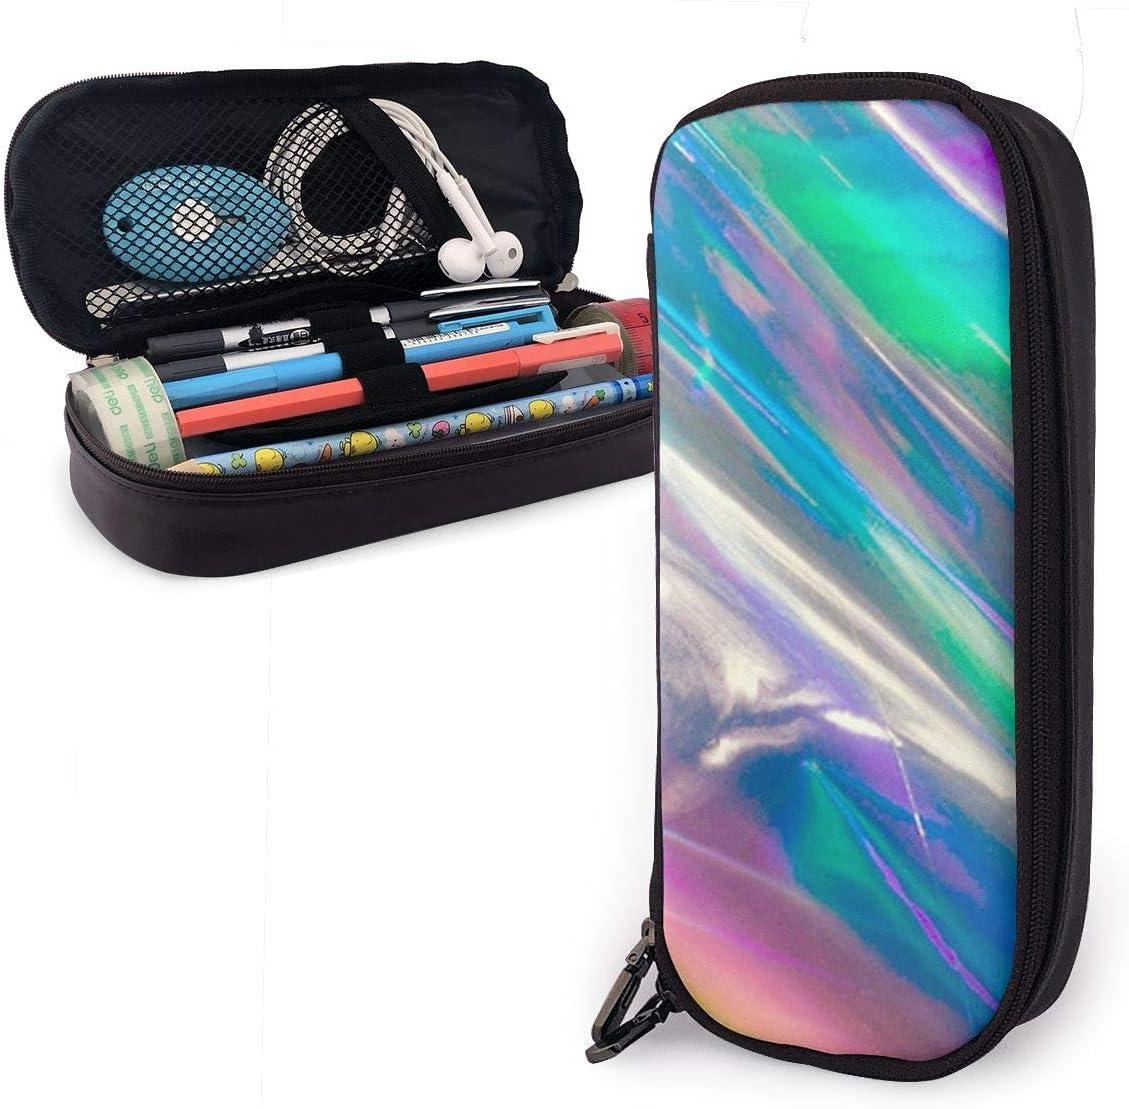 Estuche para lápices con diseño holográfico de arcoíris brillante para niños y niñas, estuche grande para lápices y bolígrafos, para estudiantes, universidad, suministros escolares y oficina: Amazon.es: Oficina y papelería